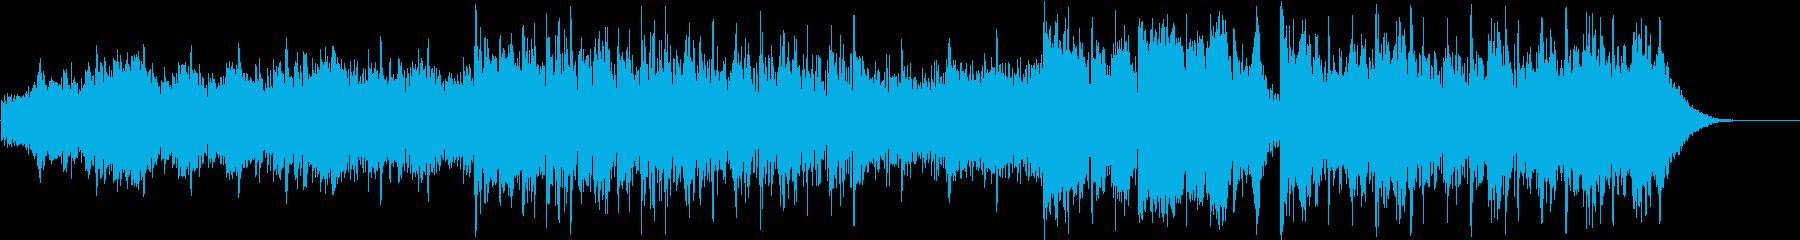 シネマティック サスペンス アンビ...の再生済みの波形